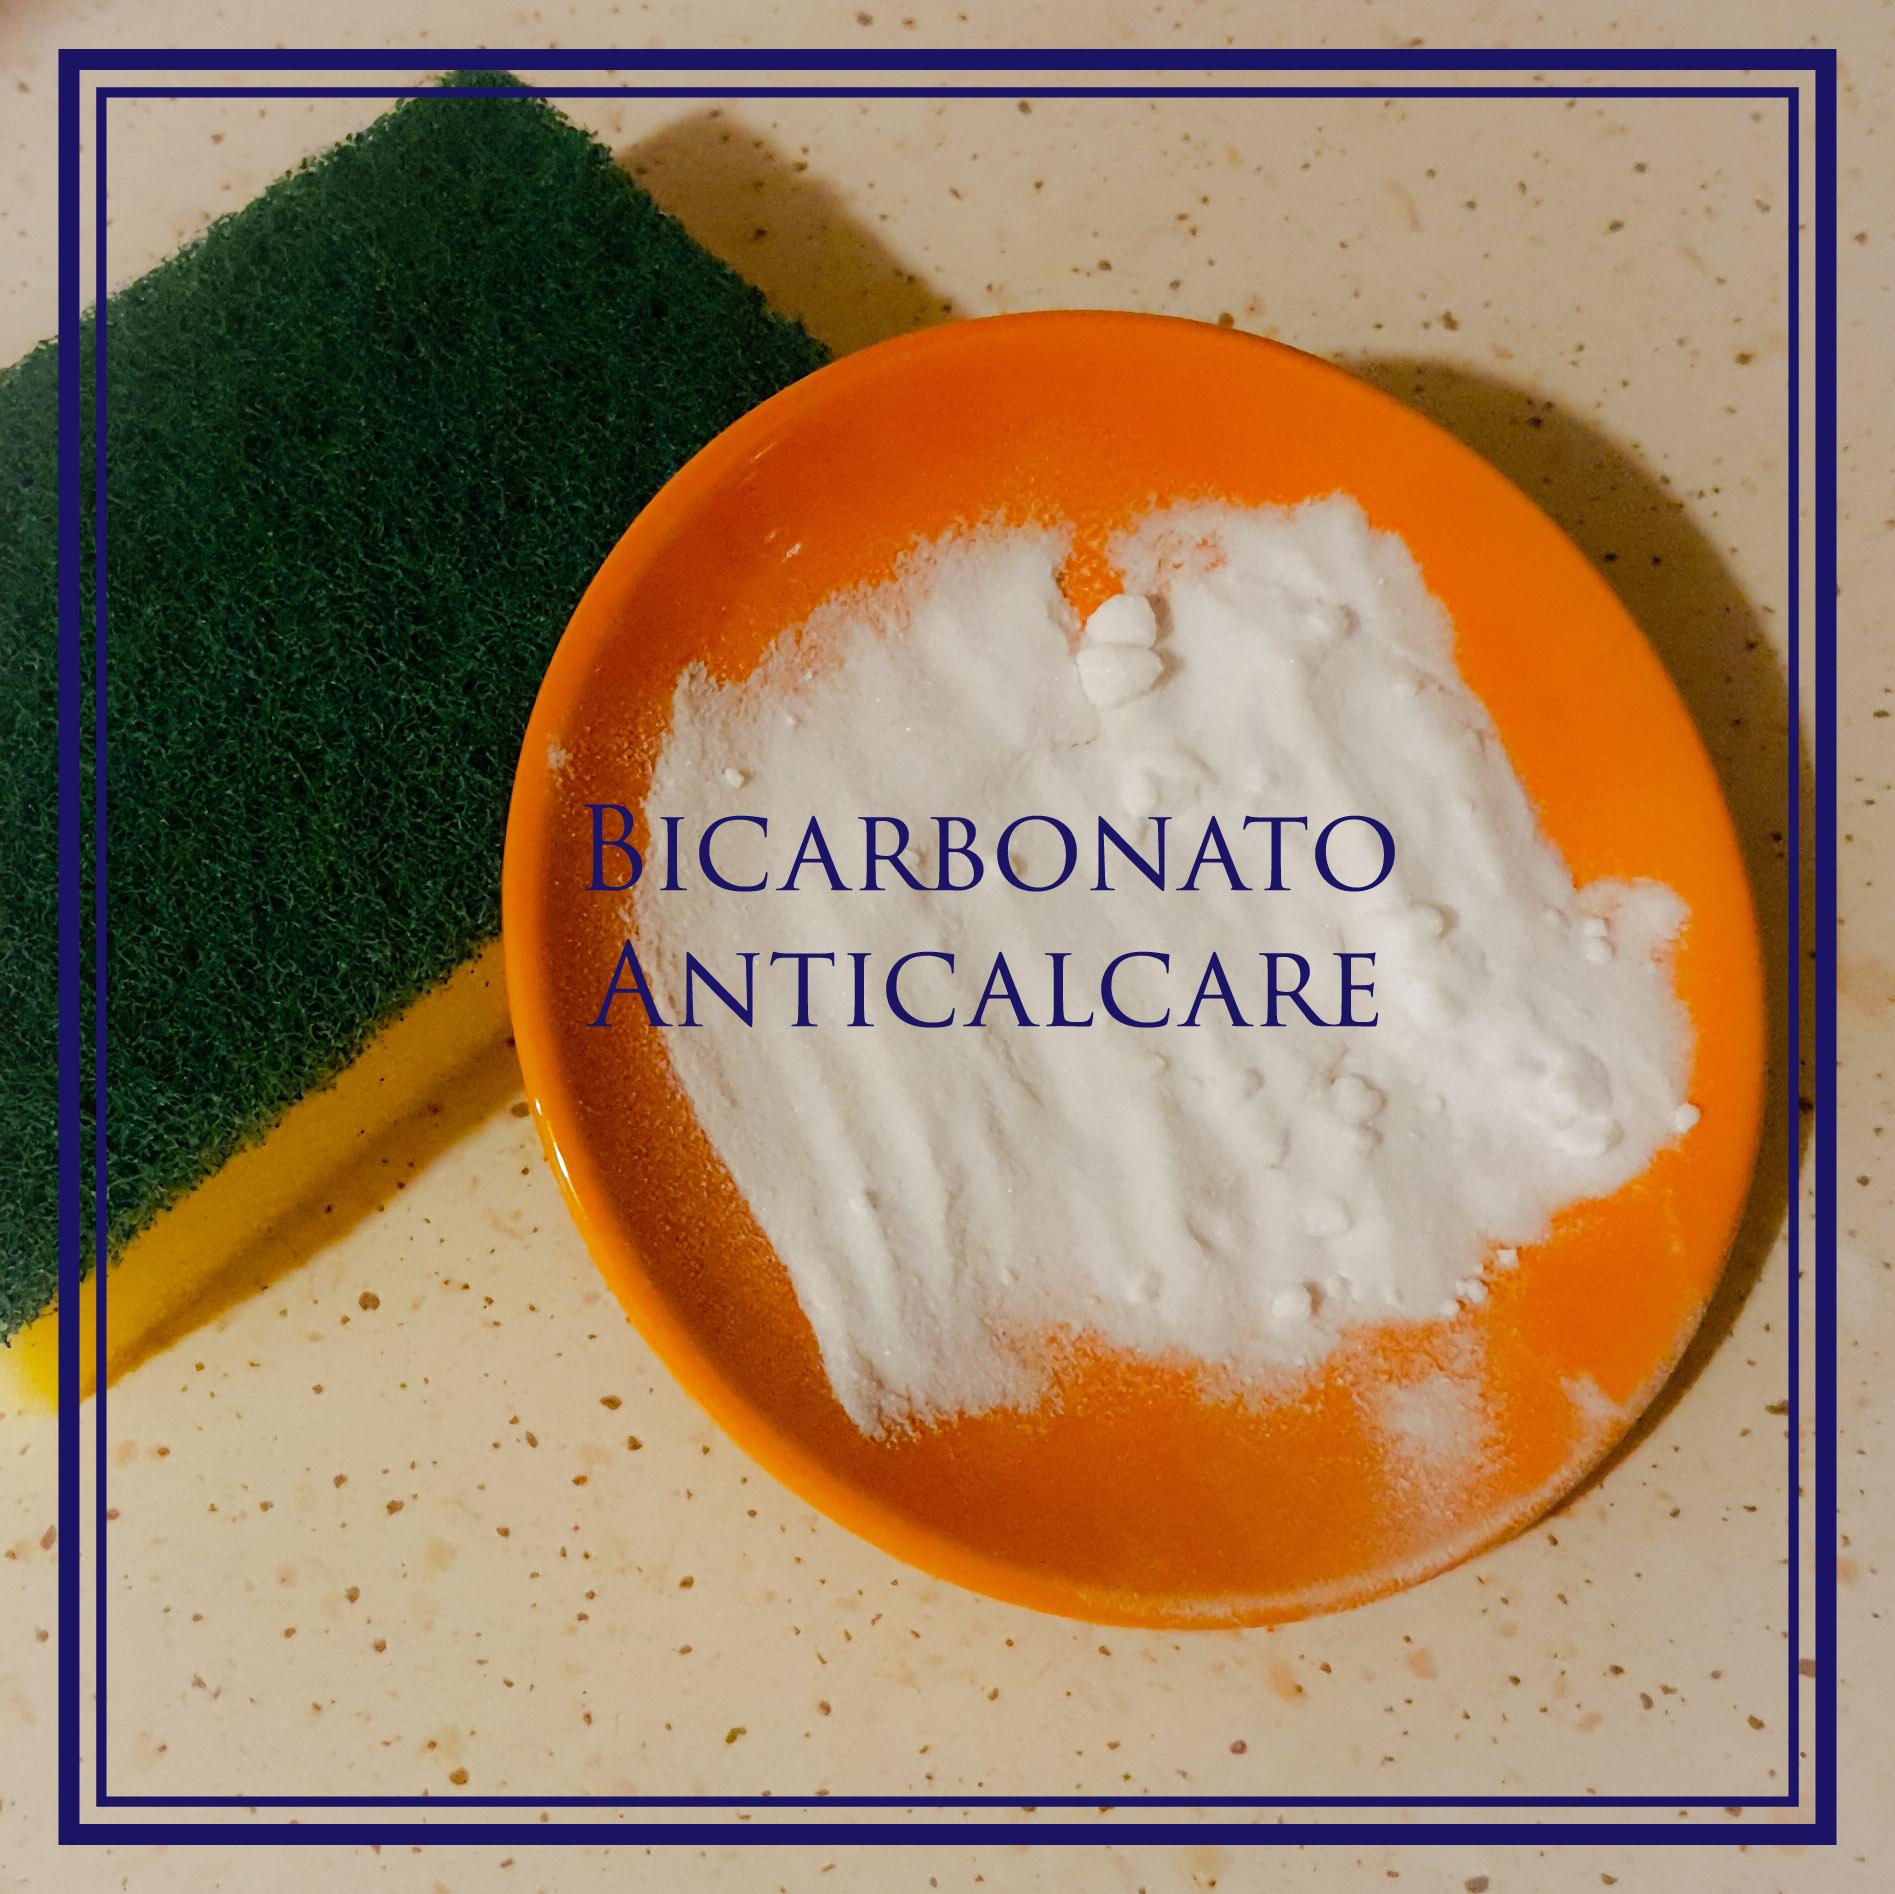 Bicarbonato per togliere il calcare